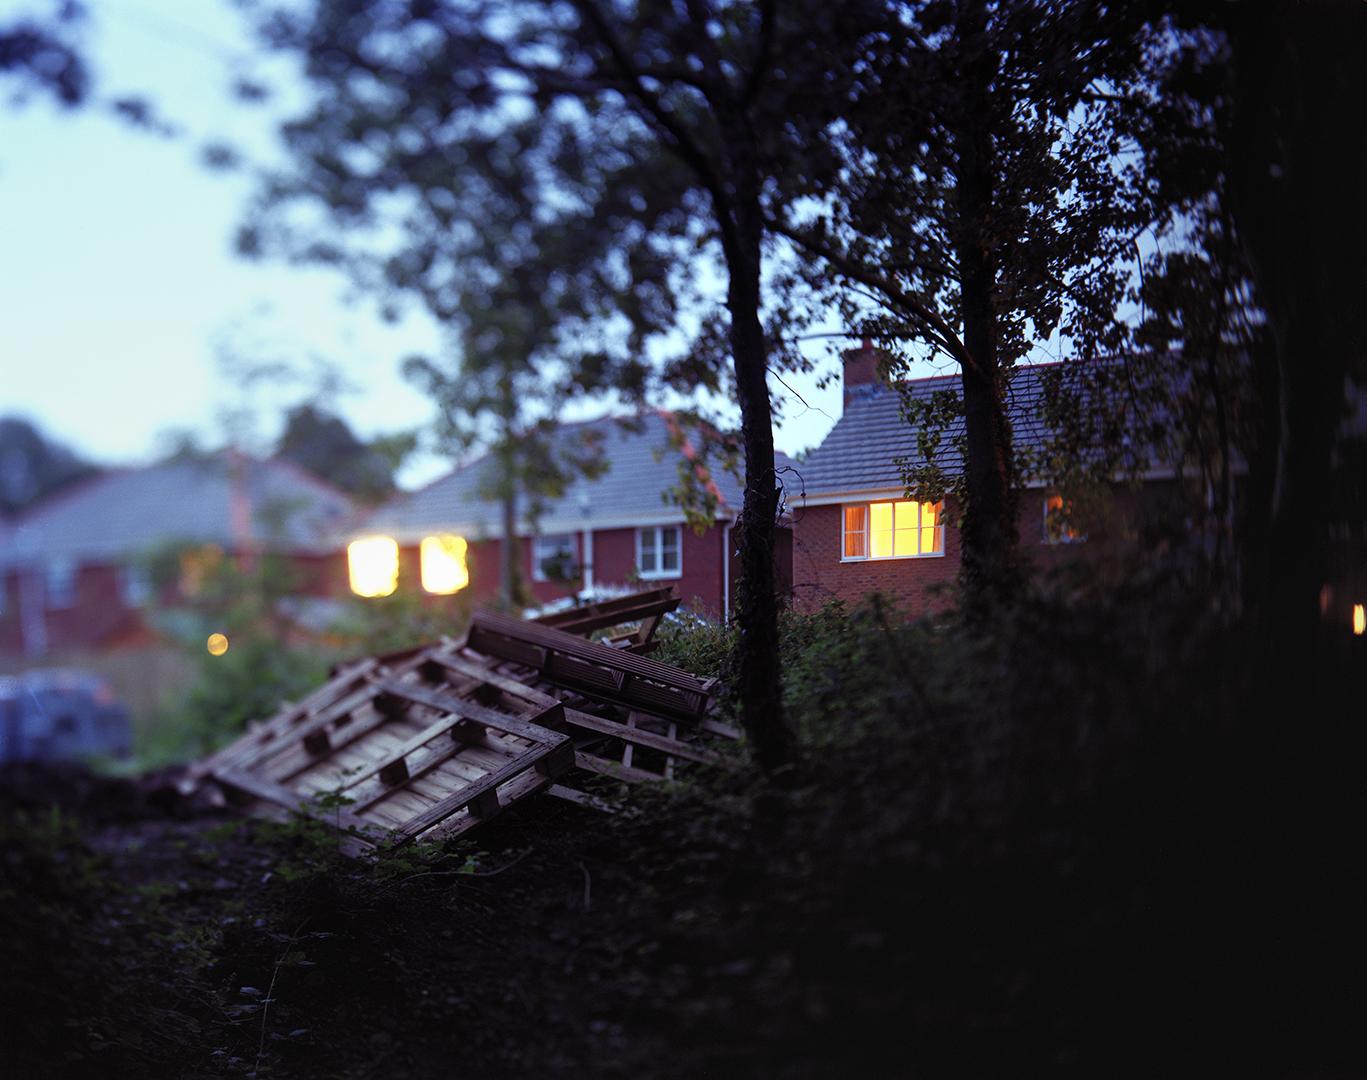 Suburban Exposure 1, 2003